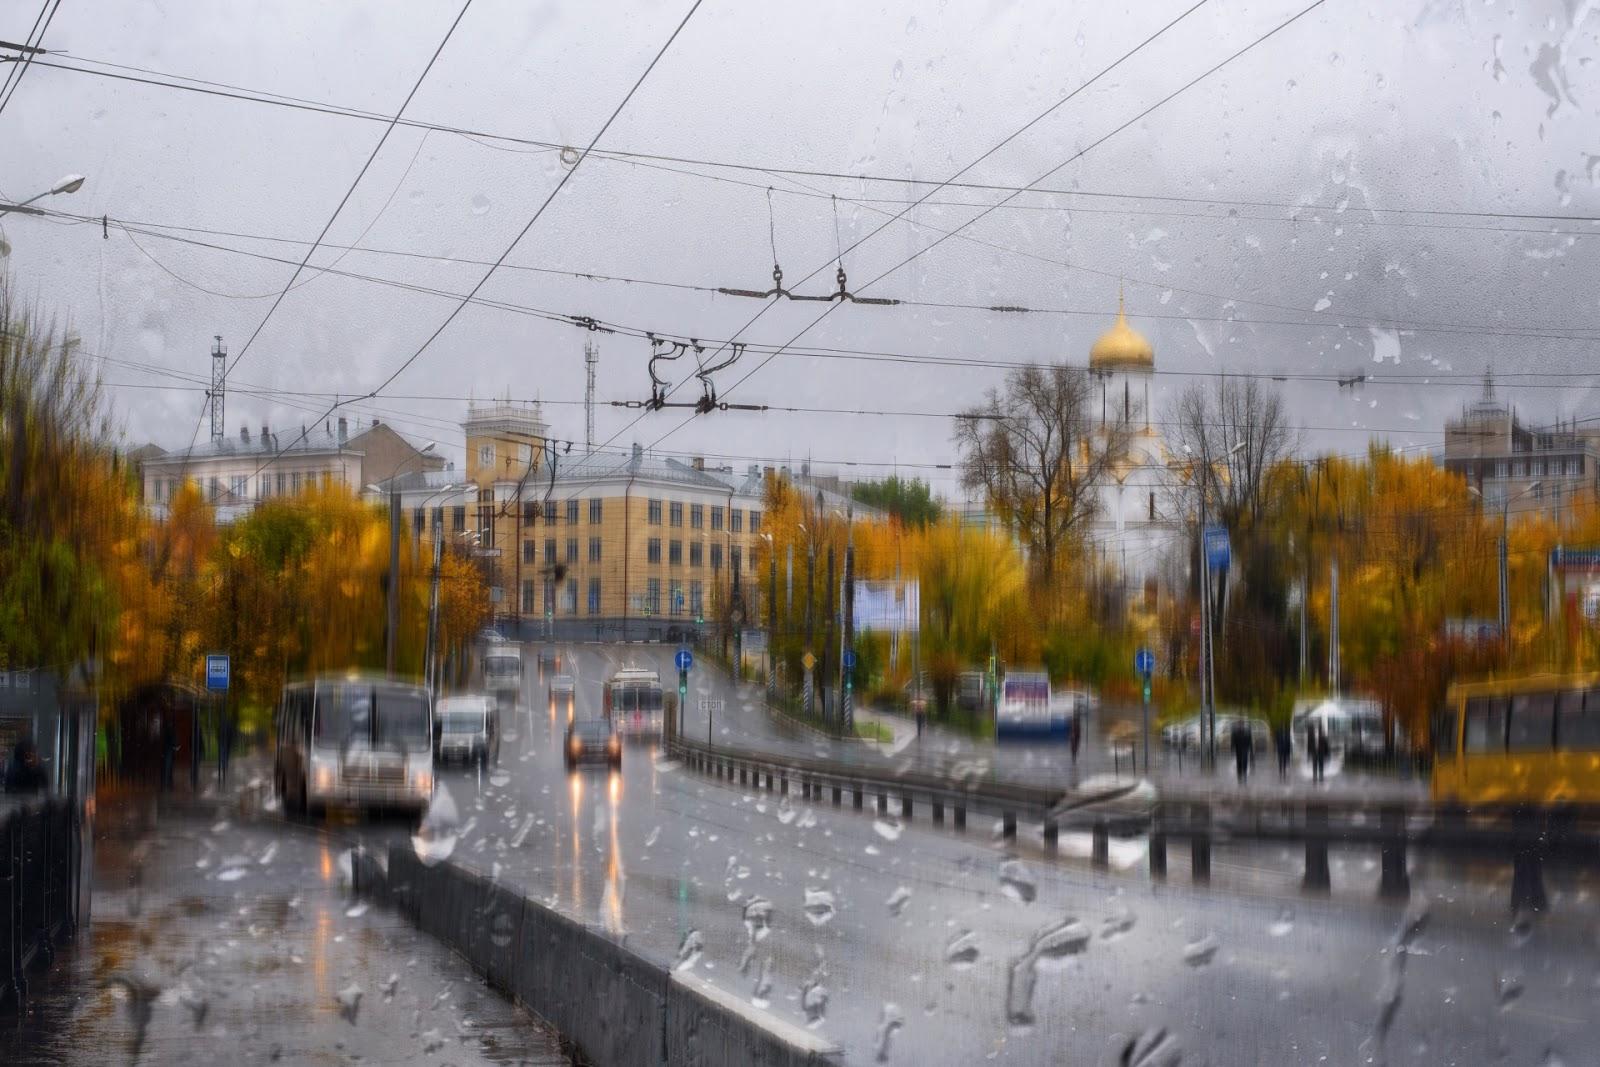 Площадь Пушкина в дождь. Иваново